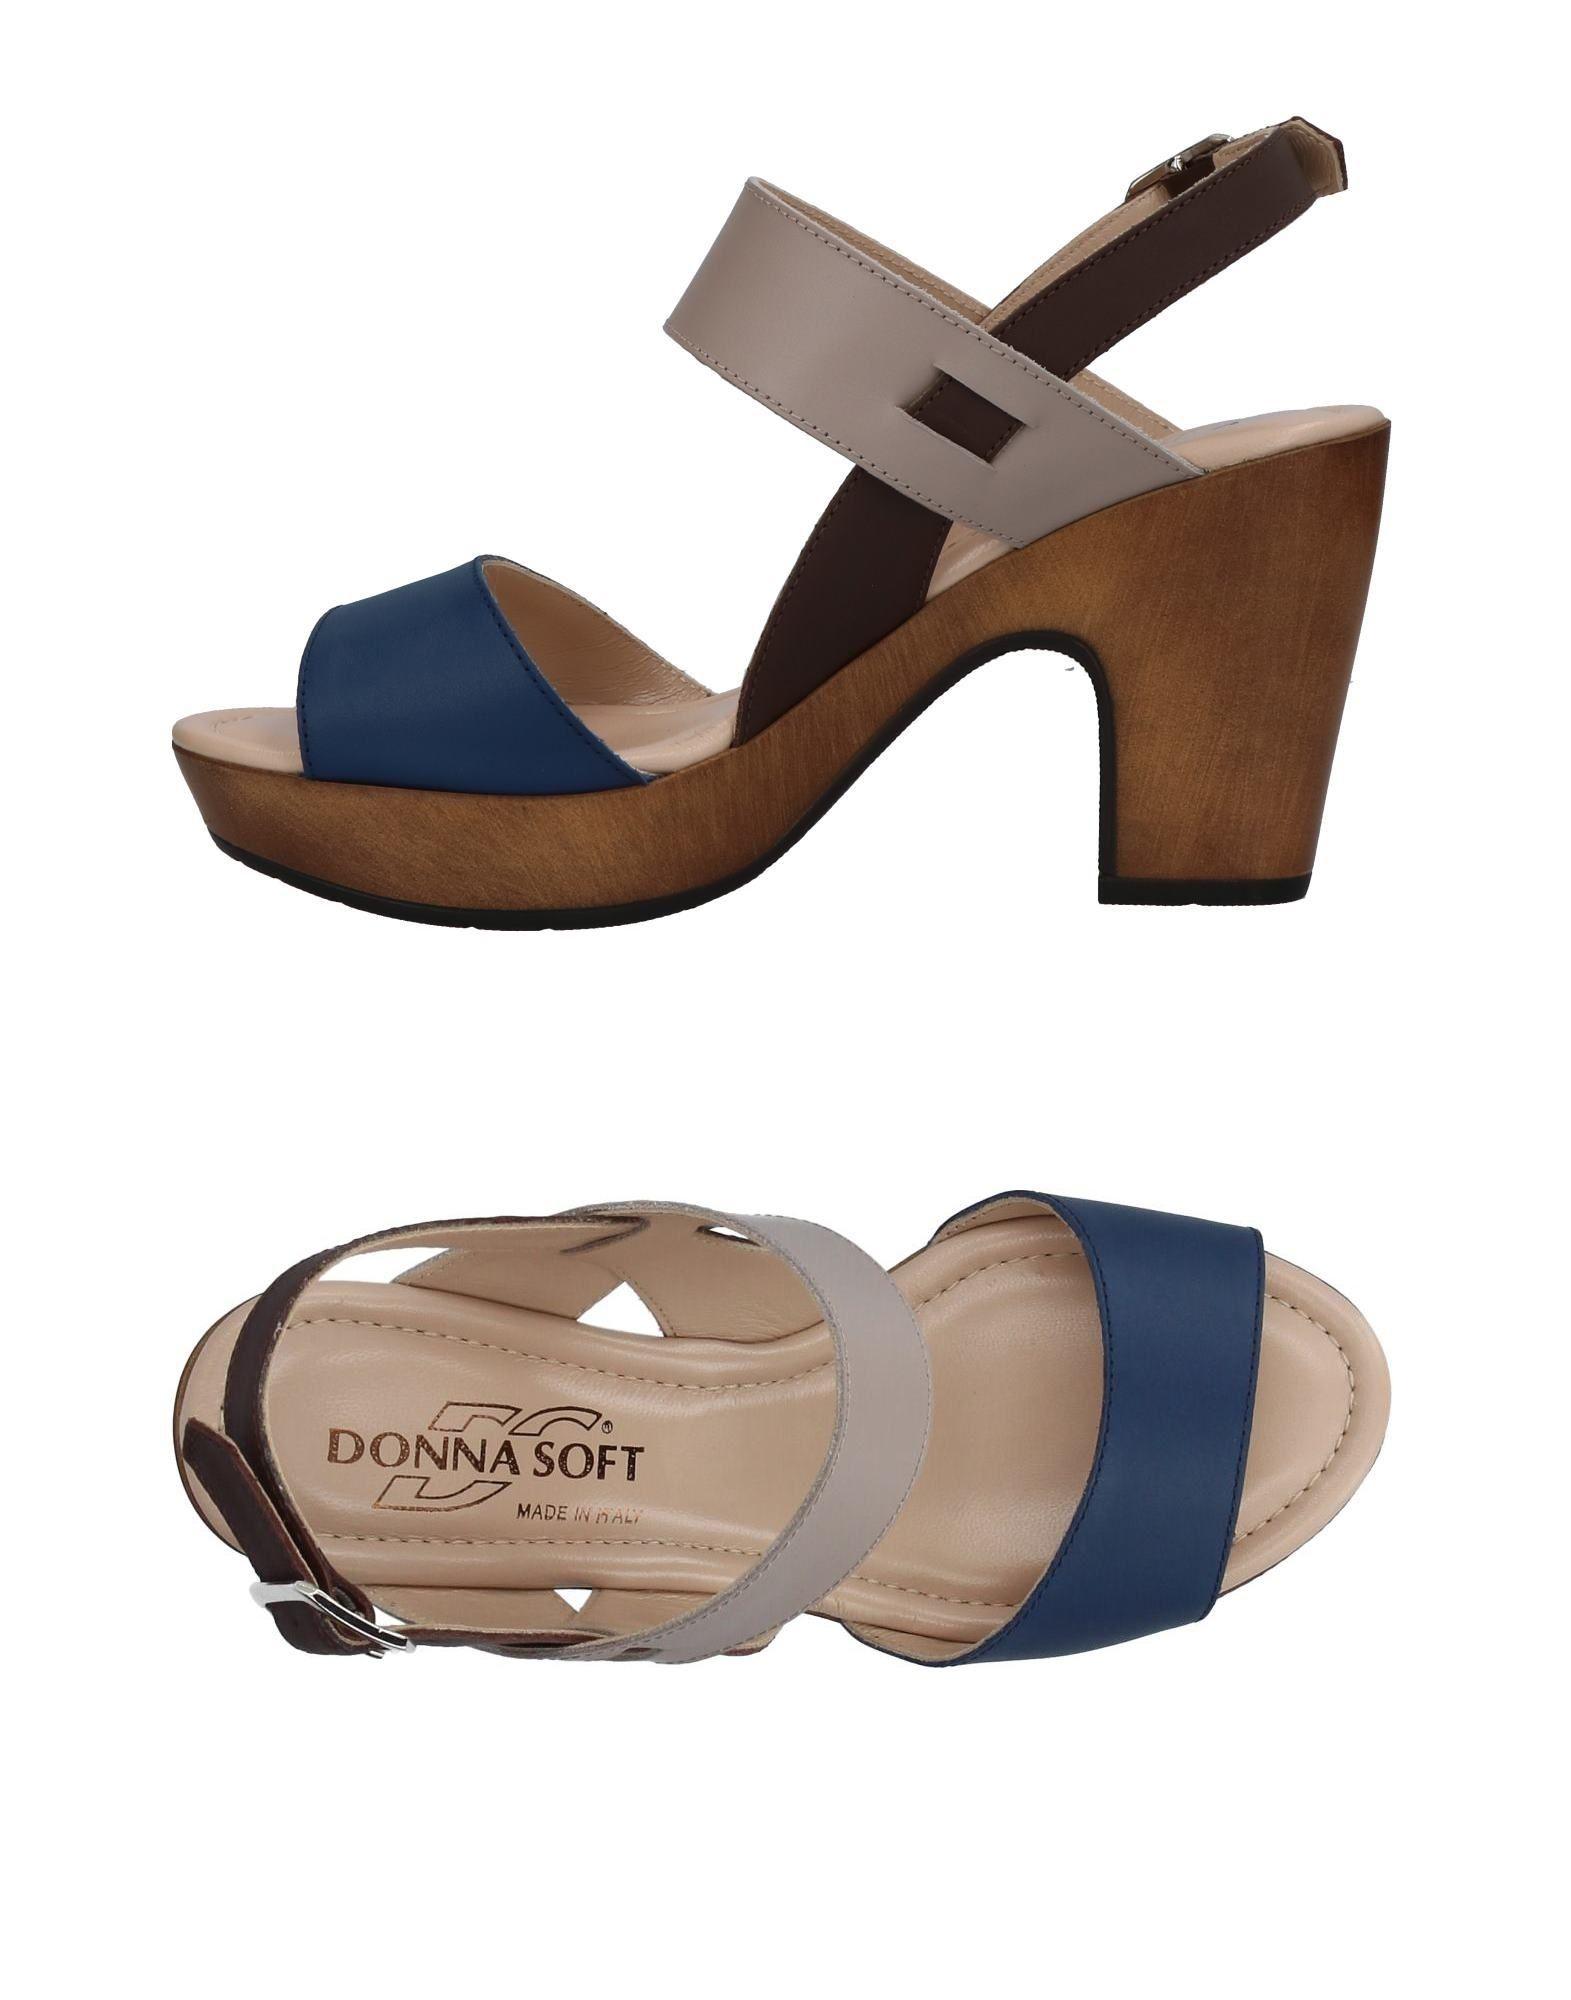 Sandali Donna Soft Donna - 11392393HE